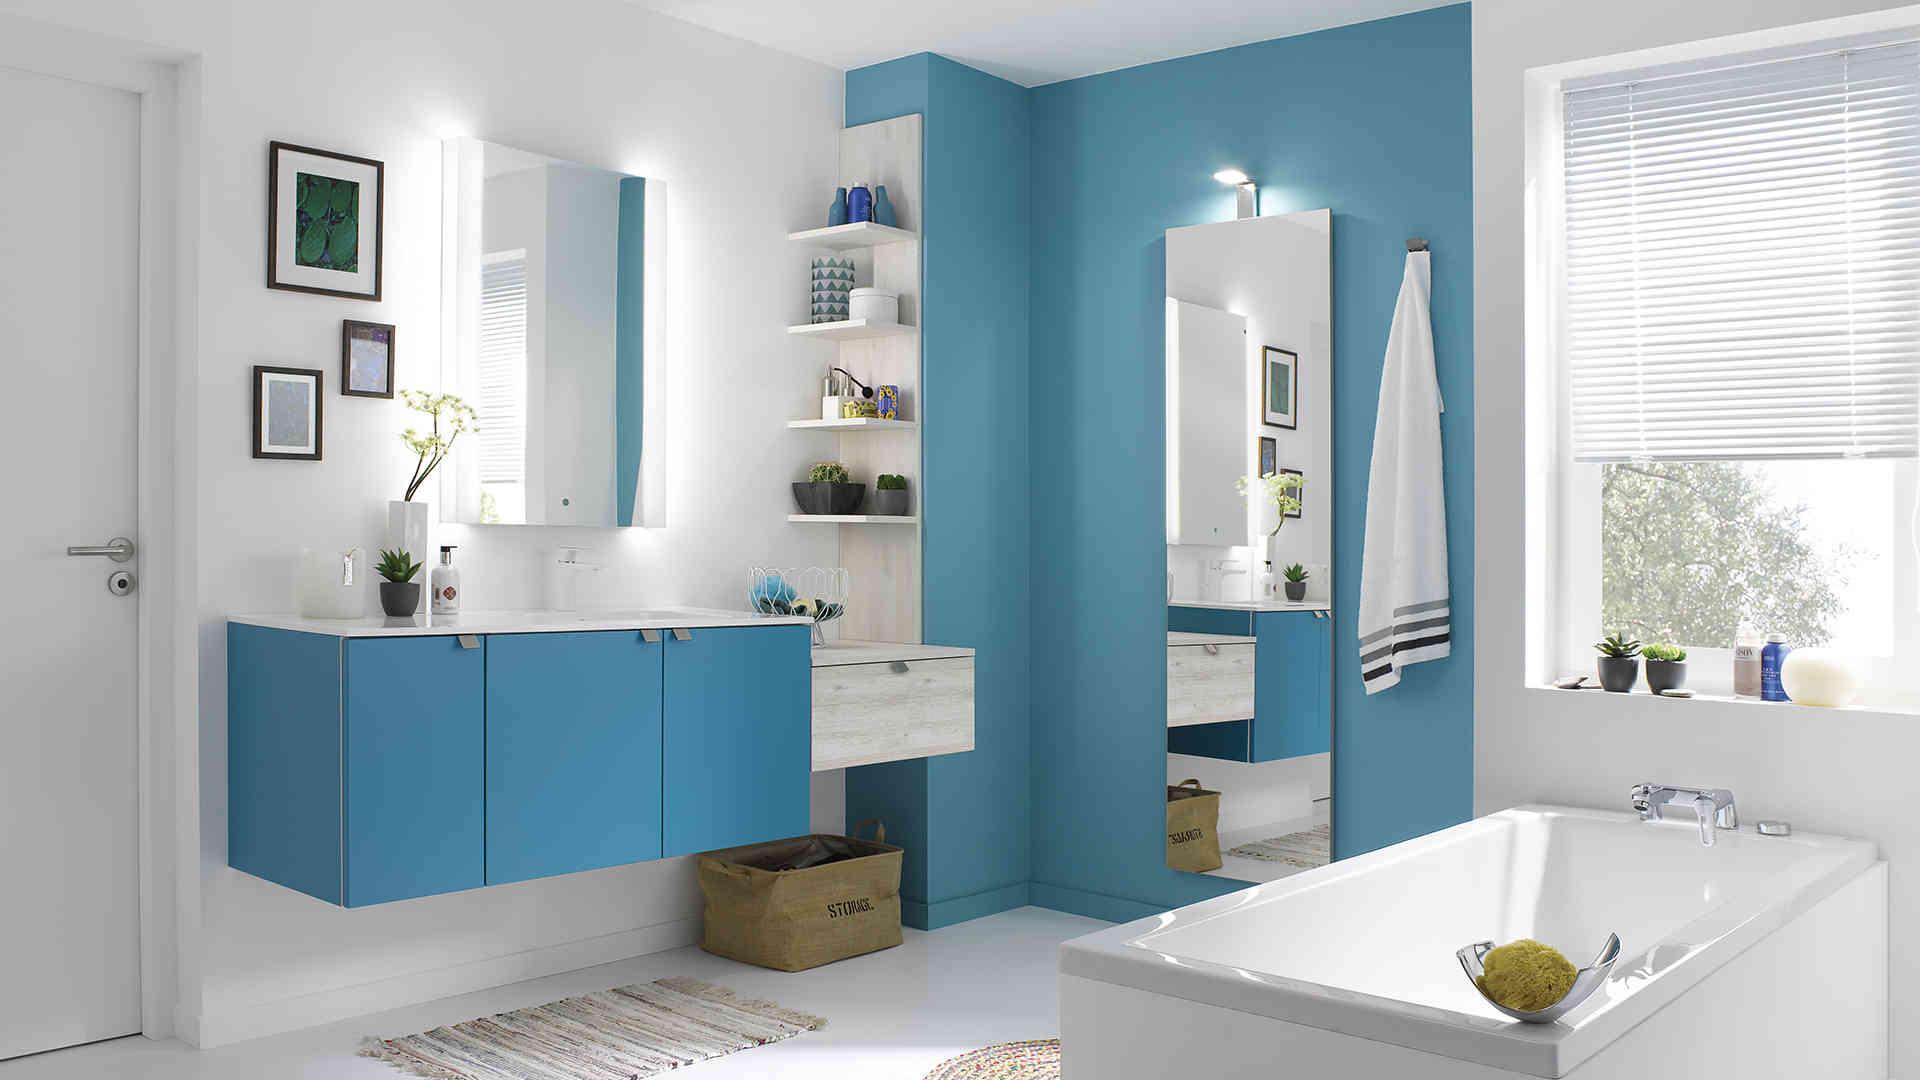 Carrelage Salle De Bain Bleu Turquoise prix salle de bain | tarif moyen et devis gratuit en ligne